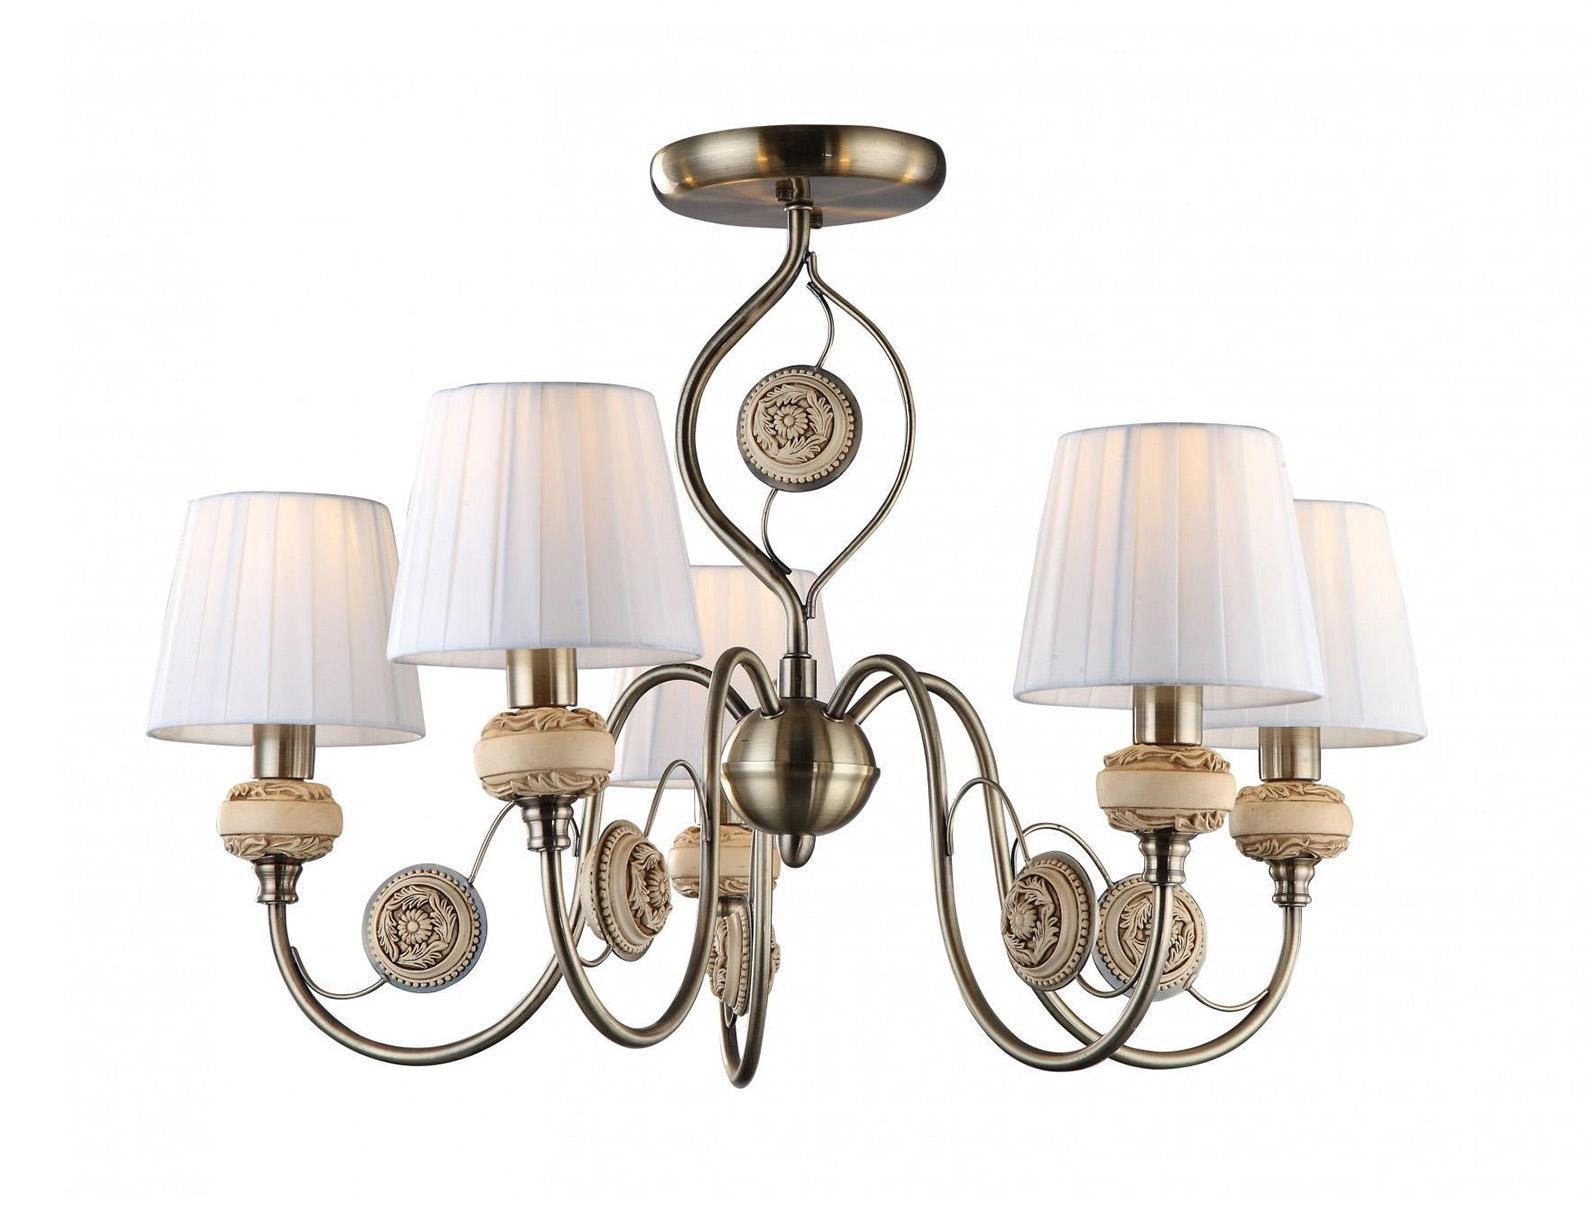 Люстра Arte lampЛюстры<br>Назначение светильника: для гостиной, Стиль светильника: модерн, Тип: потолочная, Материал светильника: металл, стекло, Материал плафона: ткань, Материал арматуры: металл, Диаметр: 680, Высота: 440, Количество ламп: 5, Тип лампы: накаливания, Мощность: 200, Патрон: Е14, Цвет арматуры: бронза, Родина бренда: Италия, Коллекция: 9583<br>